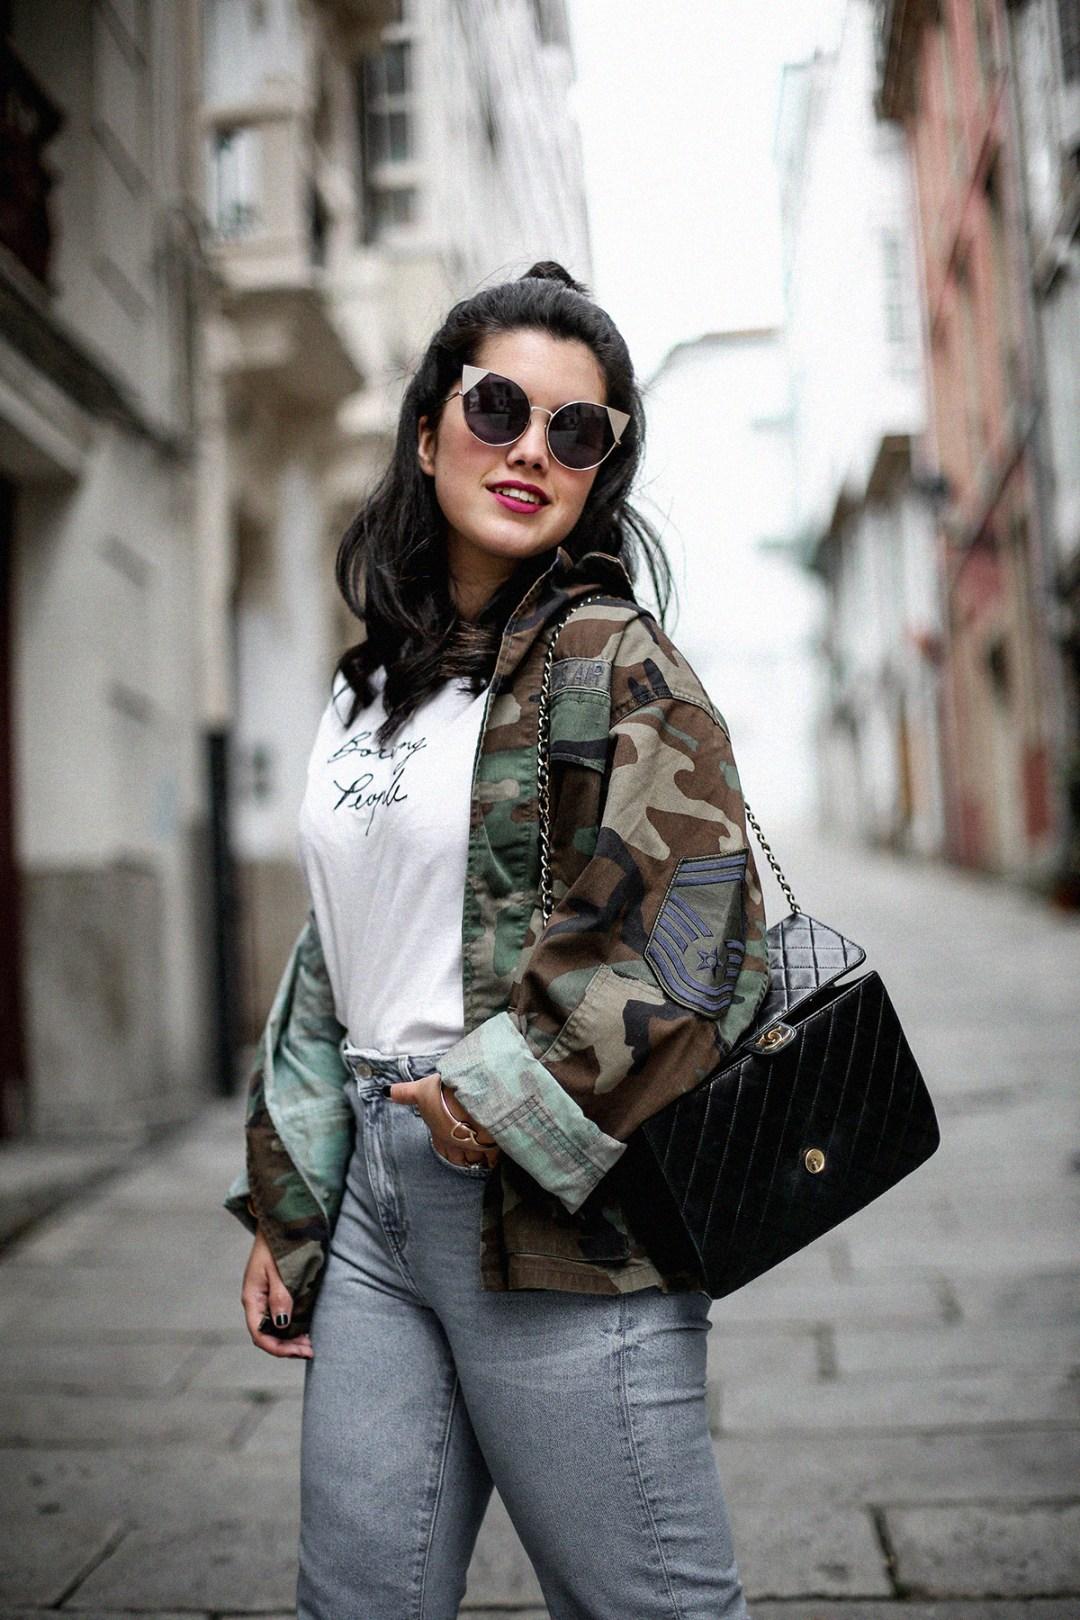 vintage-army-jacket-mom-jeans-espadrilles-myblueberrynightsblog4